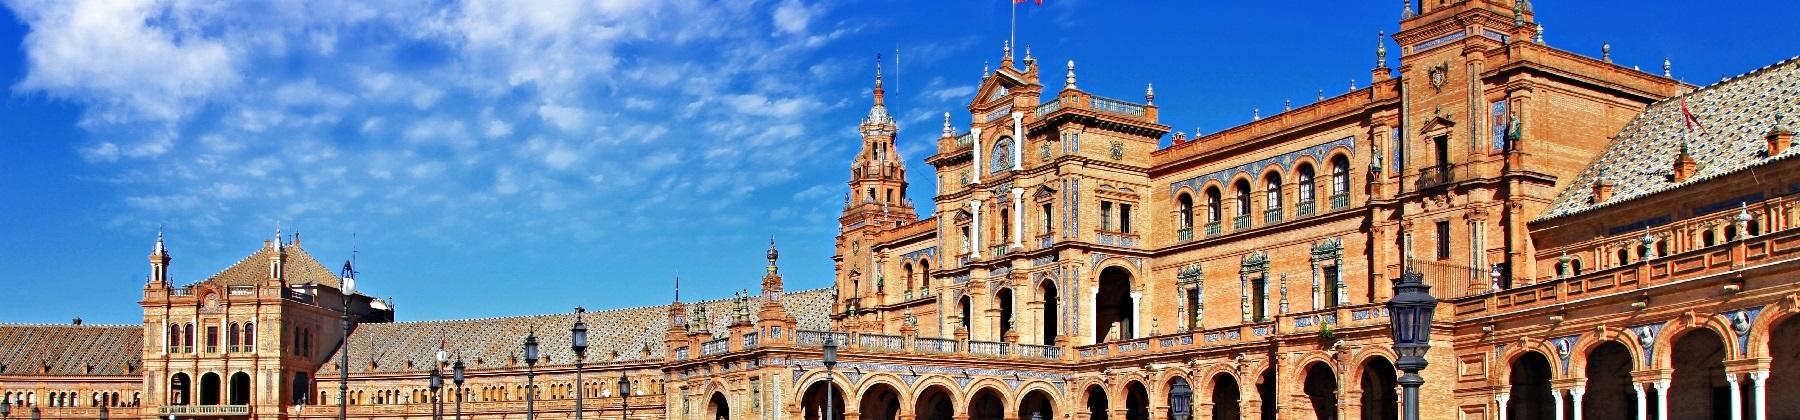 Tour por Santa Cruz- Leyendas de Sevilla